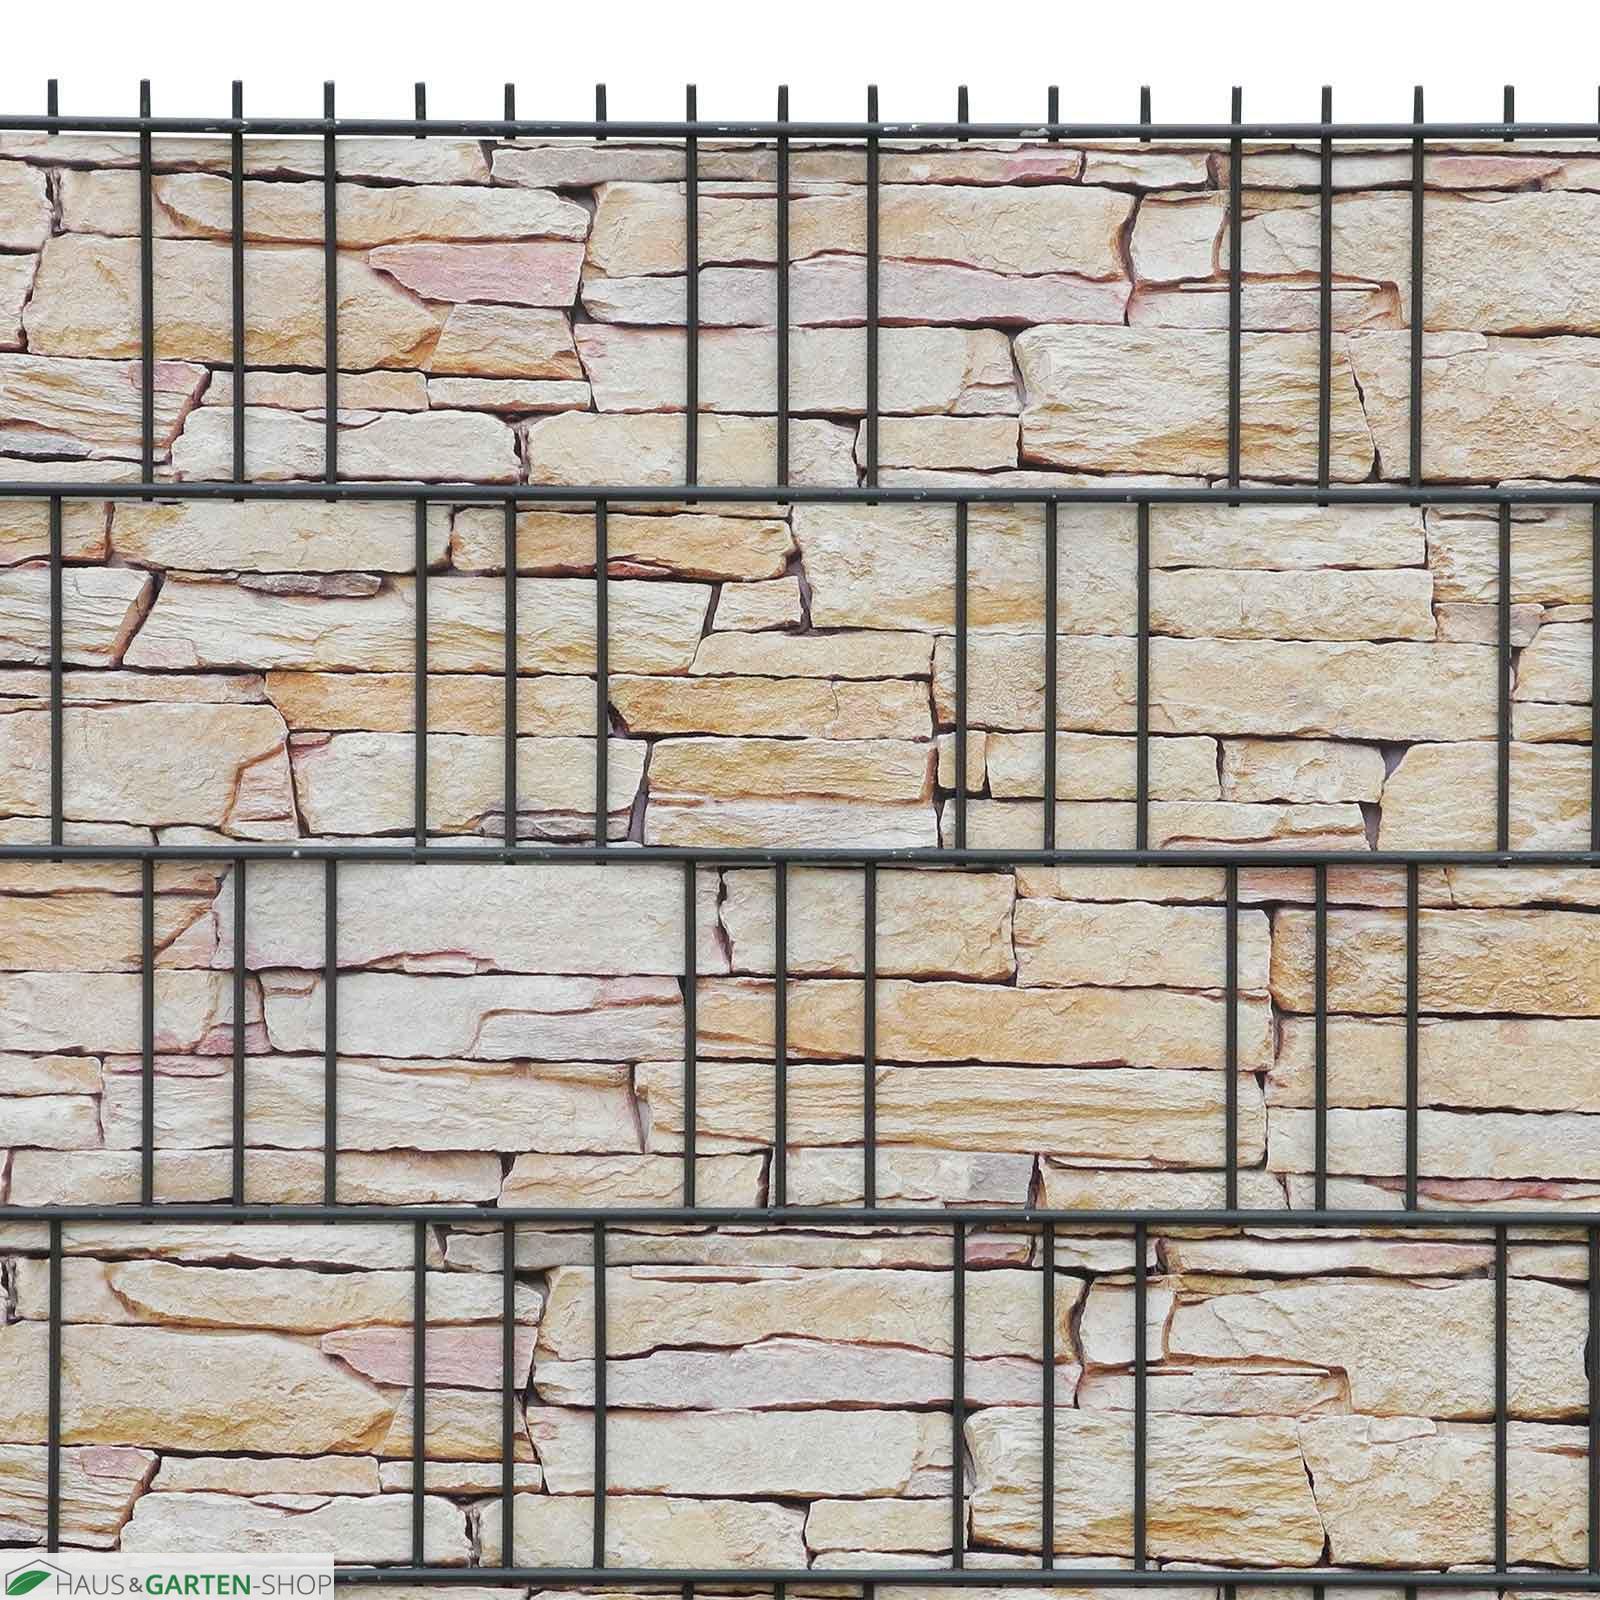 M tec print Weich PVC Sichtschutzstreifen Sandsteinmauer bedruckt